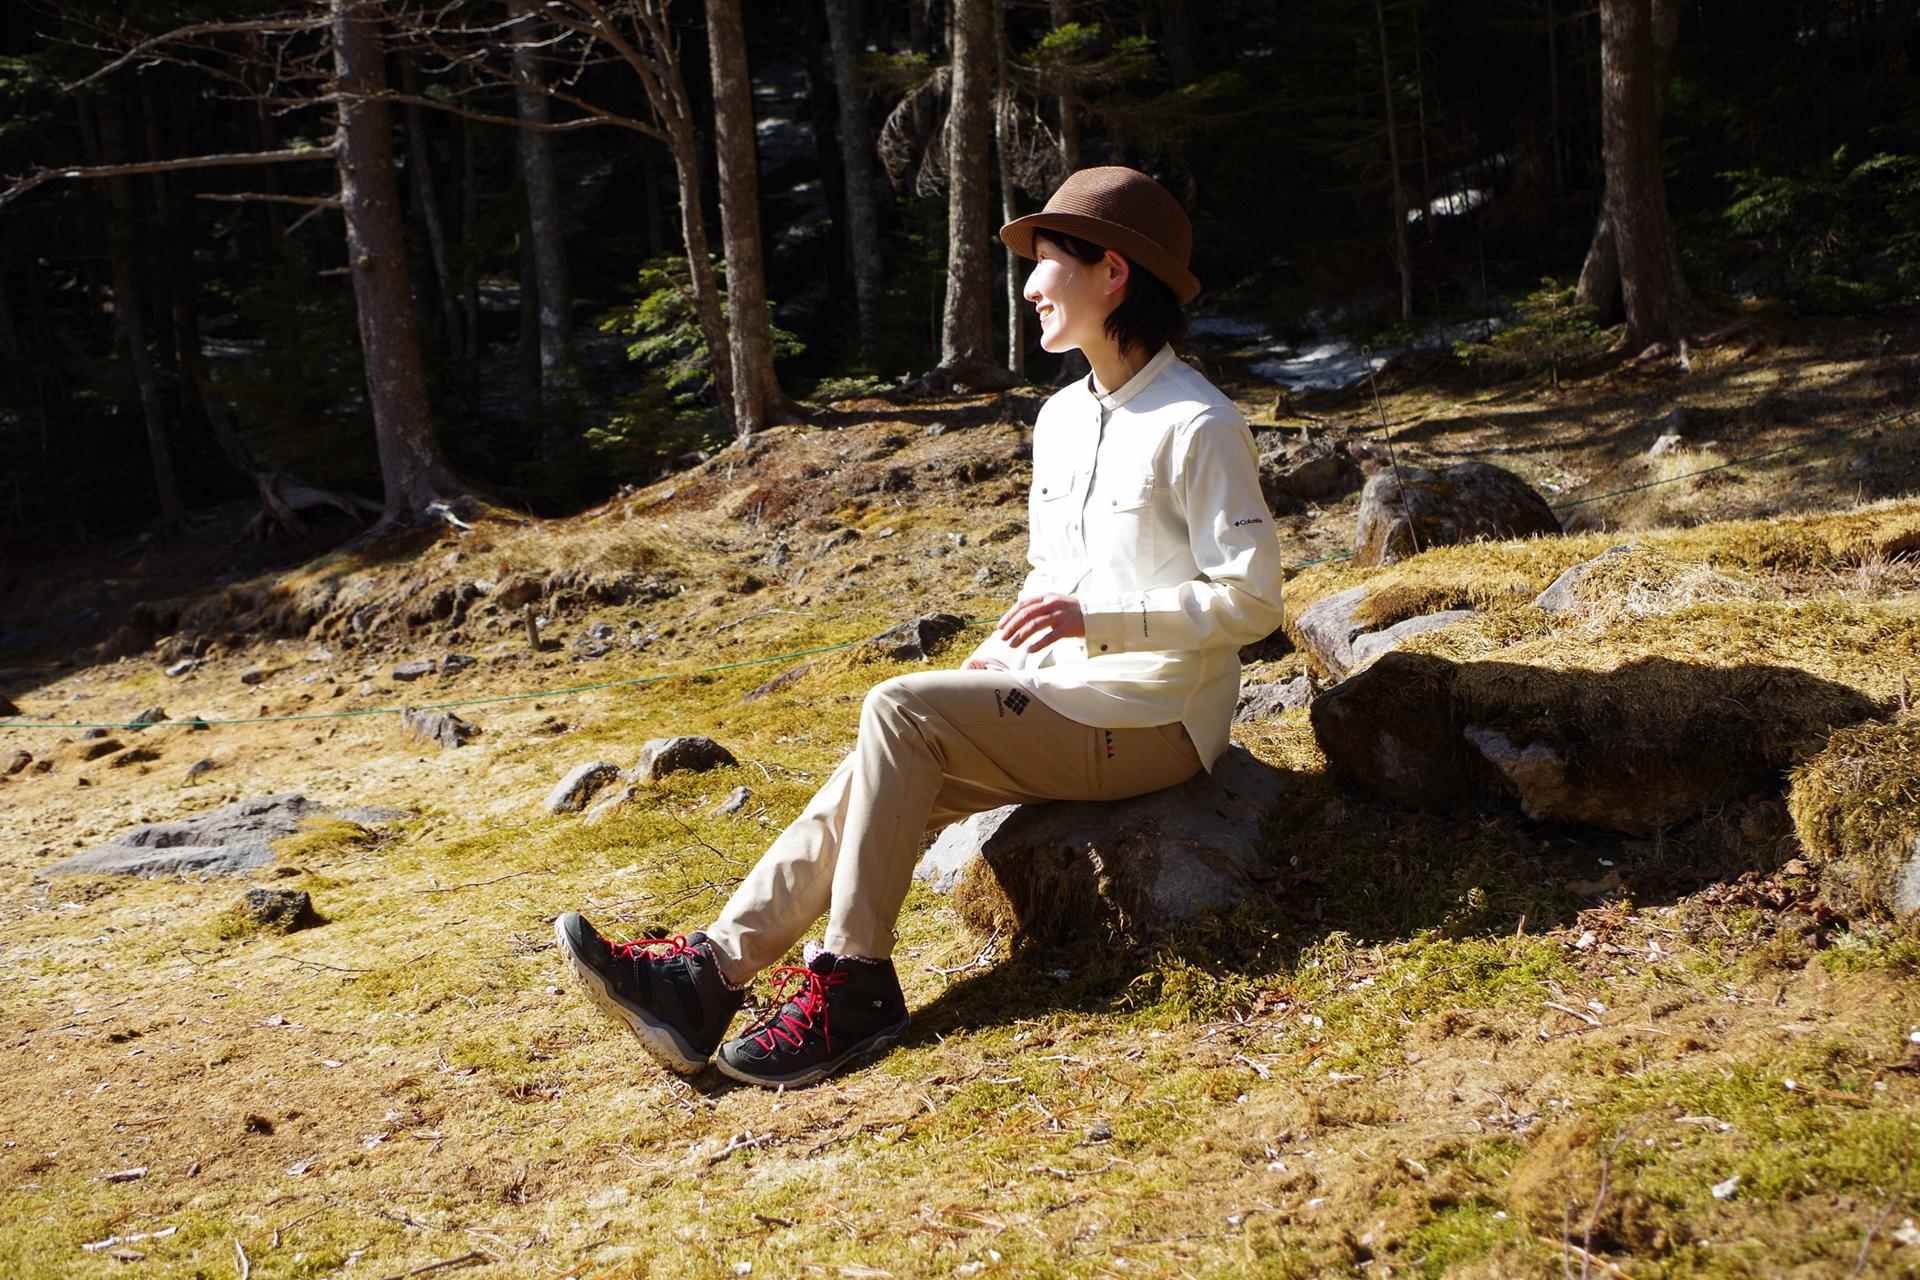 21 山を愛するマンガ家・鈴木ともこさんと行く!北八ヶ岳・しらびそ小屋〜コロナ禍で再発見した魅力とは〜